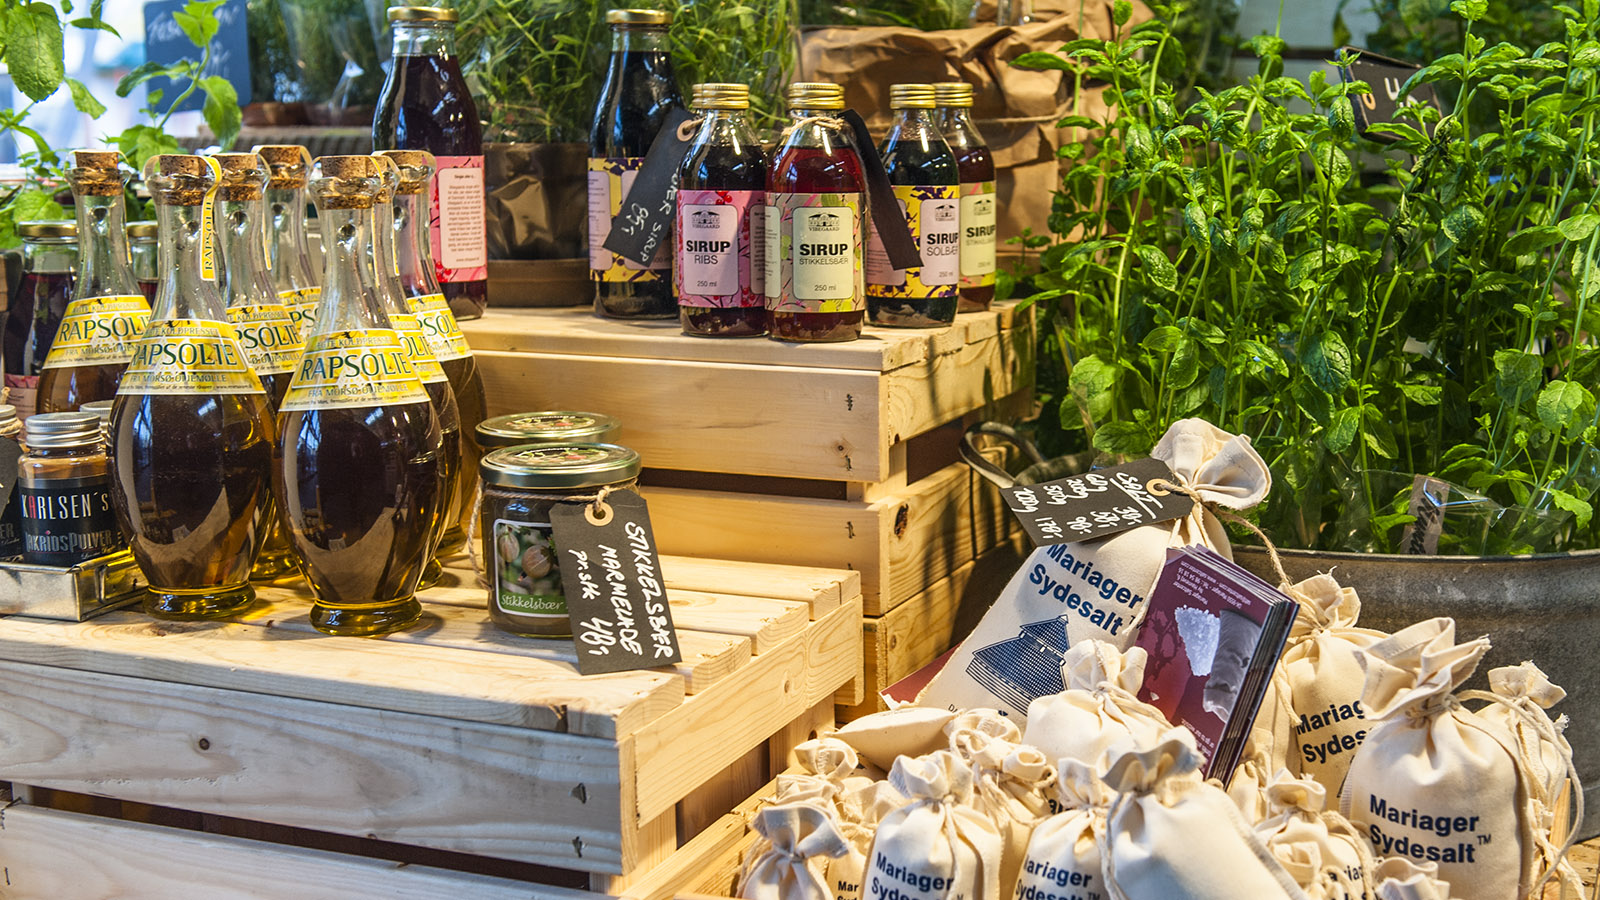 Salz, Säfte, Wein und Käse, alles aus regionaler und meist ökologischer Herstellung: Das Angebot der Torvehallerne ist grün. Foto: Hilke Maunder